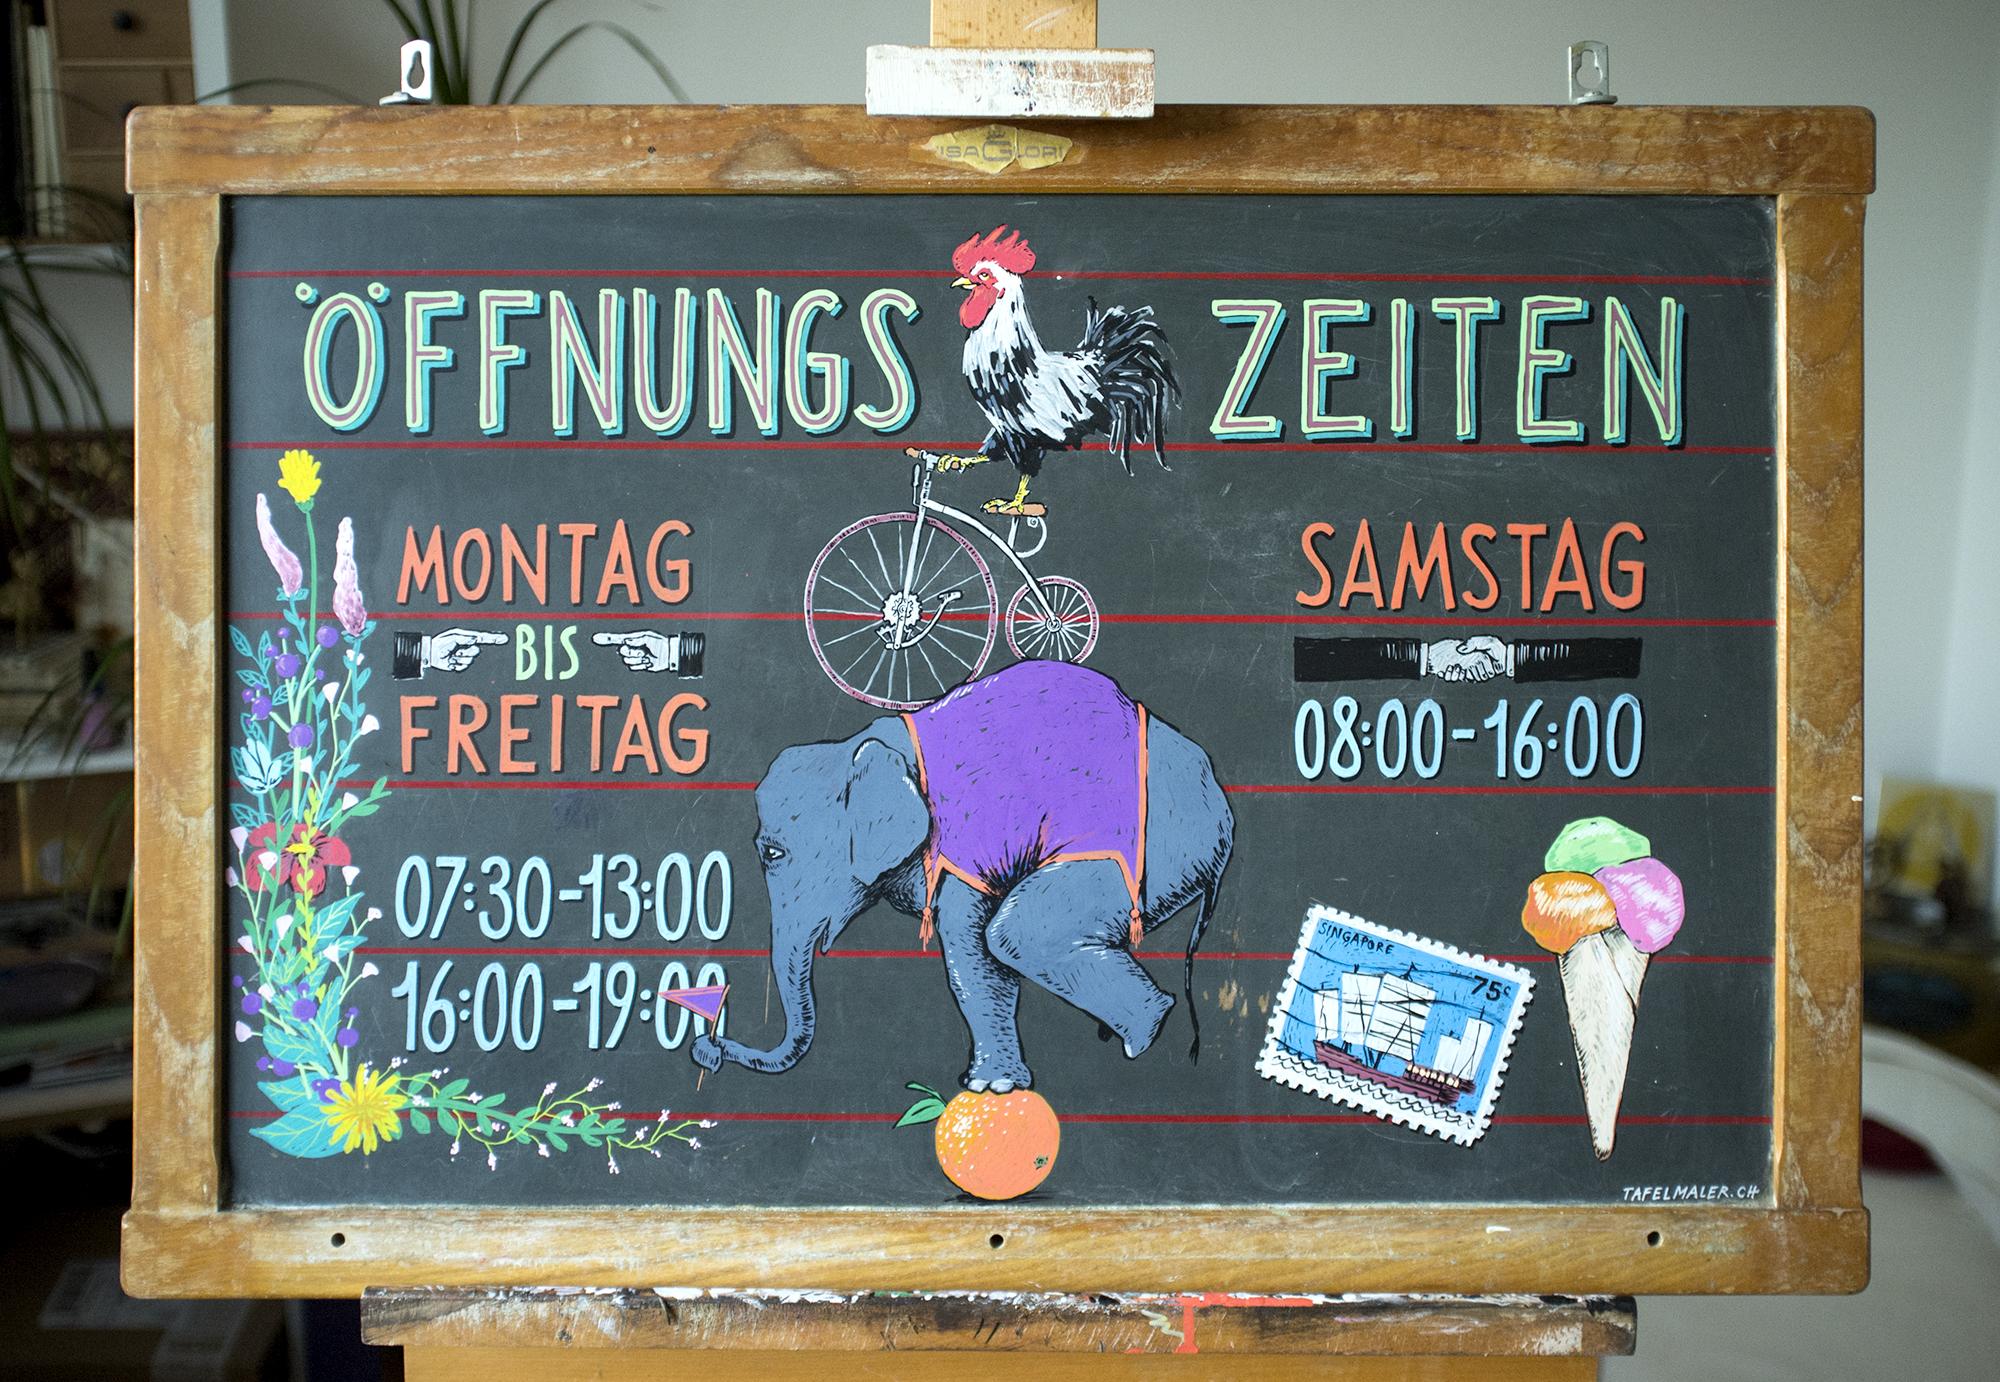 Betulius Balasso, Öffnungszeiten, Kundenstopper Kreidetafel, Schriftenmalerei, Wandbeschriftung, hand gemalt, Tafelbeschriftung, Tafelmaler